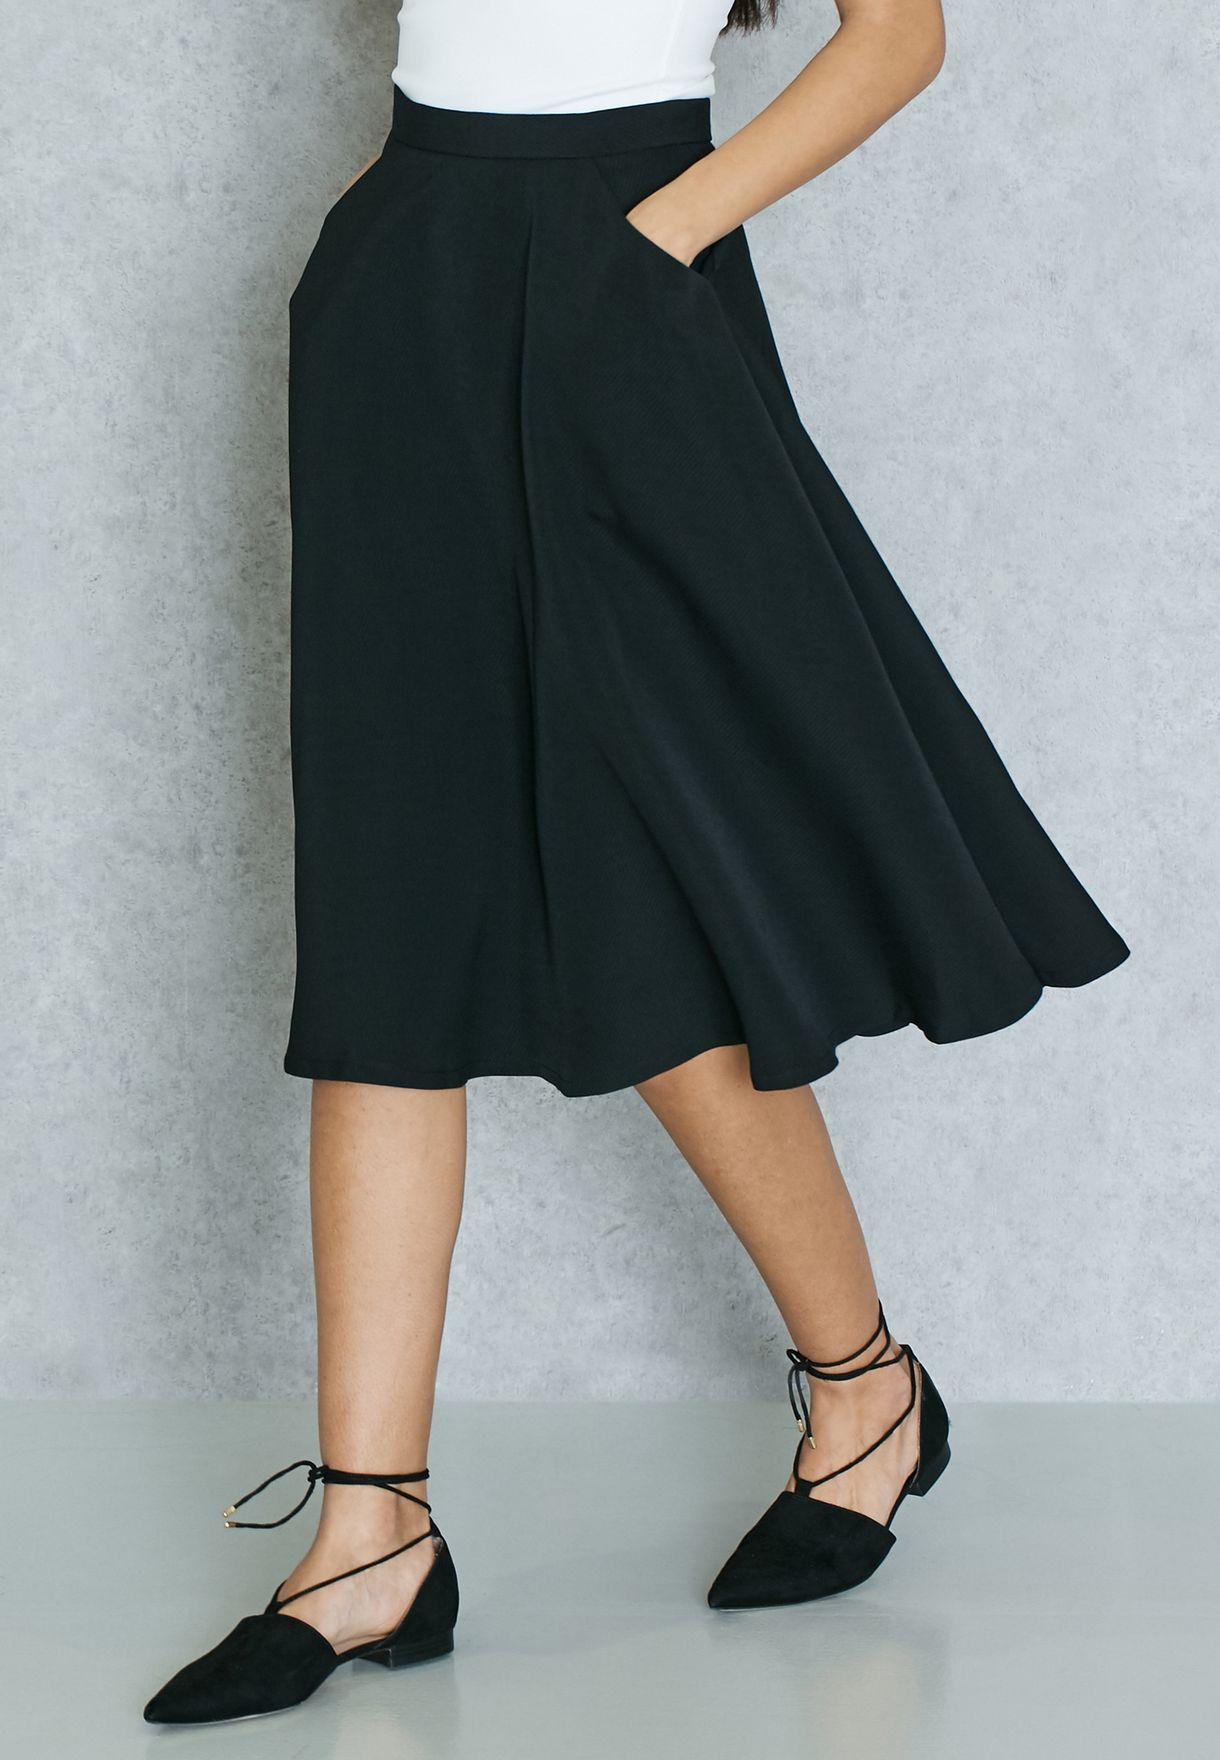 d058977b7f Shop Ginger Basics black Skater Skirt for Women in Kuwait - GI121AT01JAC